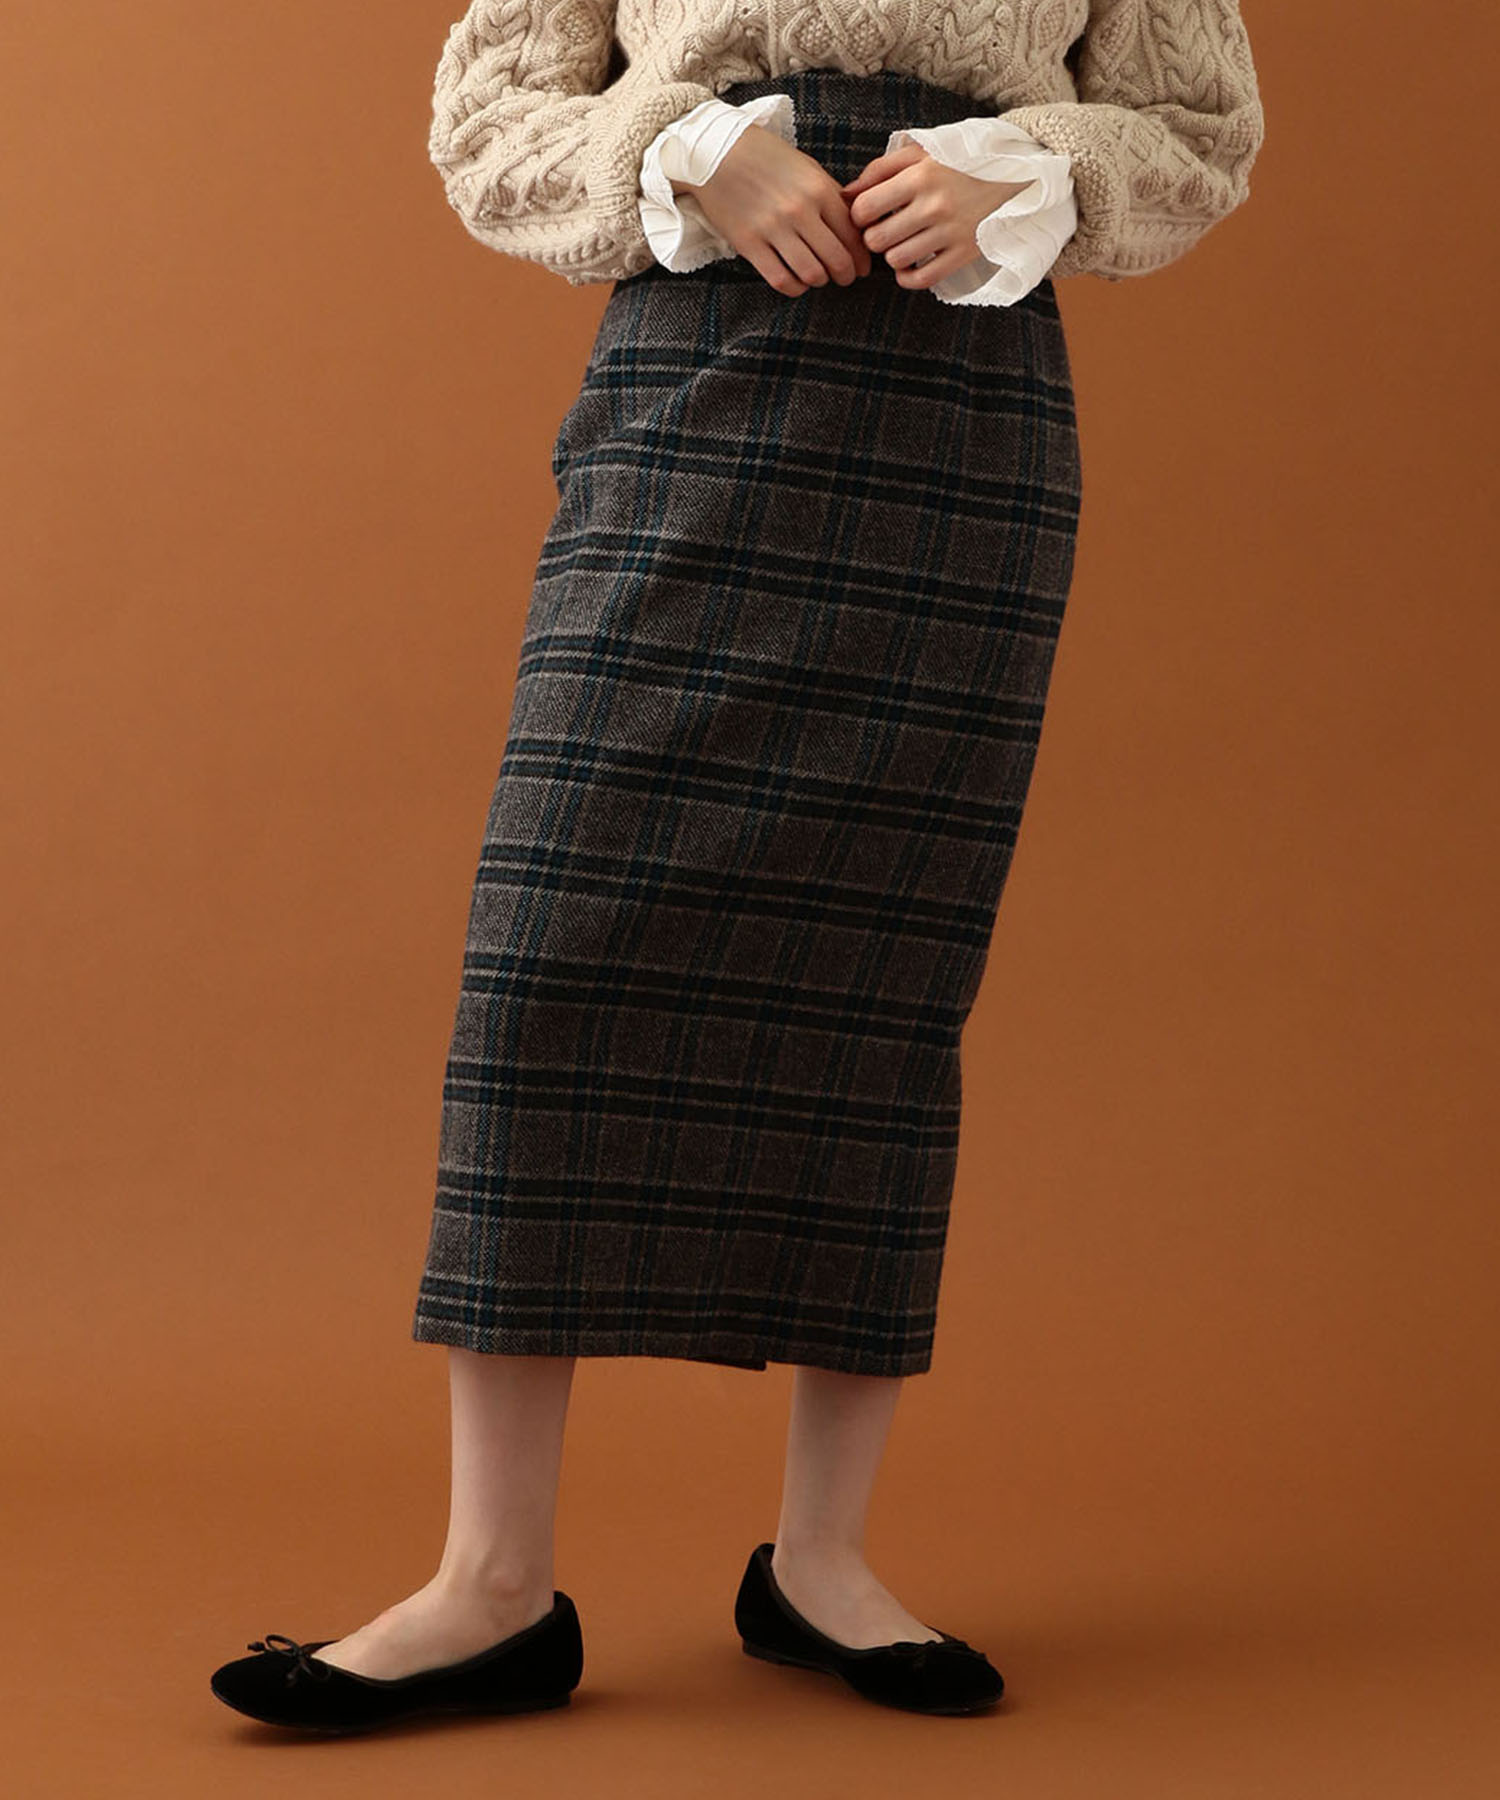 【先行予約・送料無料】UK WOOL チェックタイトスカート